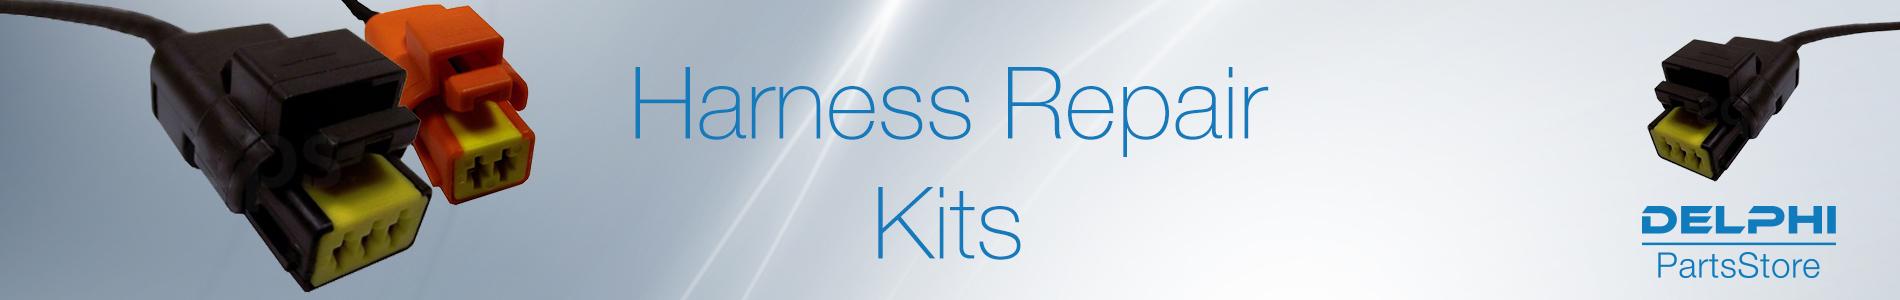 Harness Repair Kits